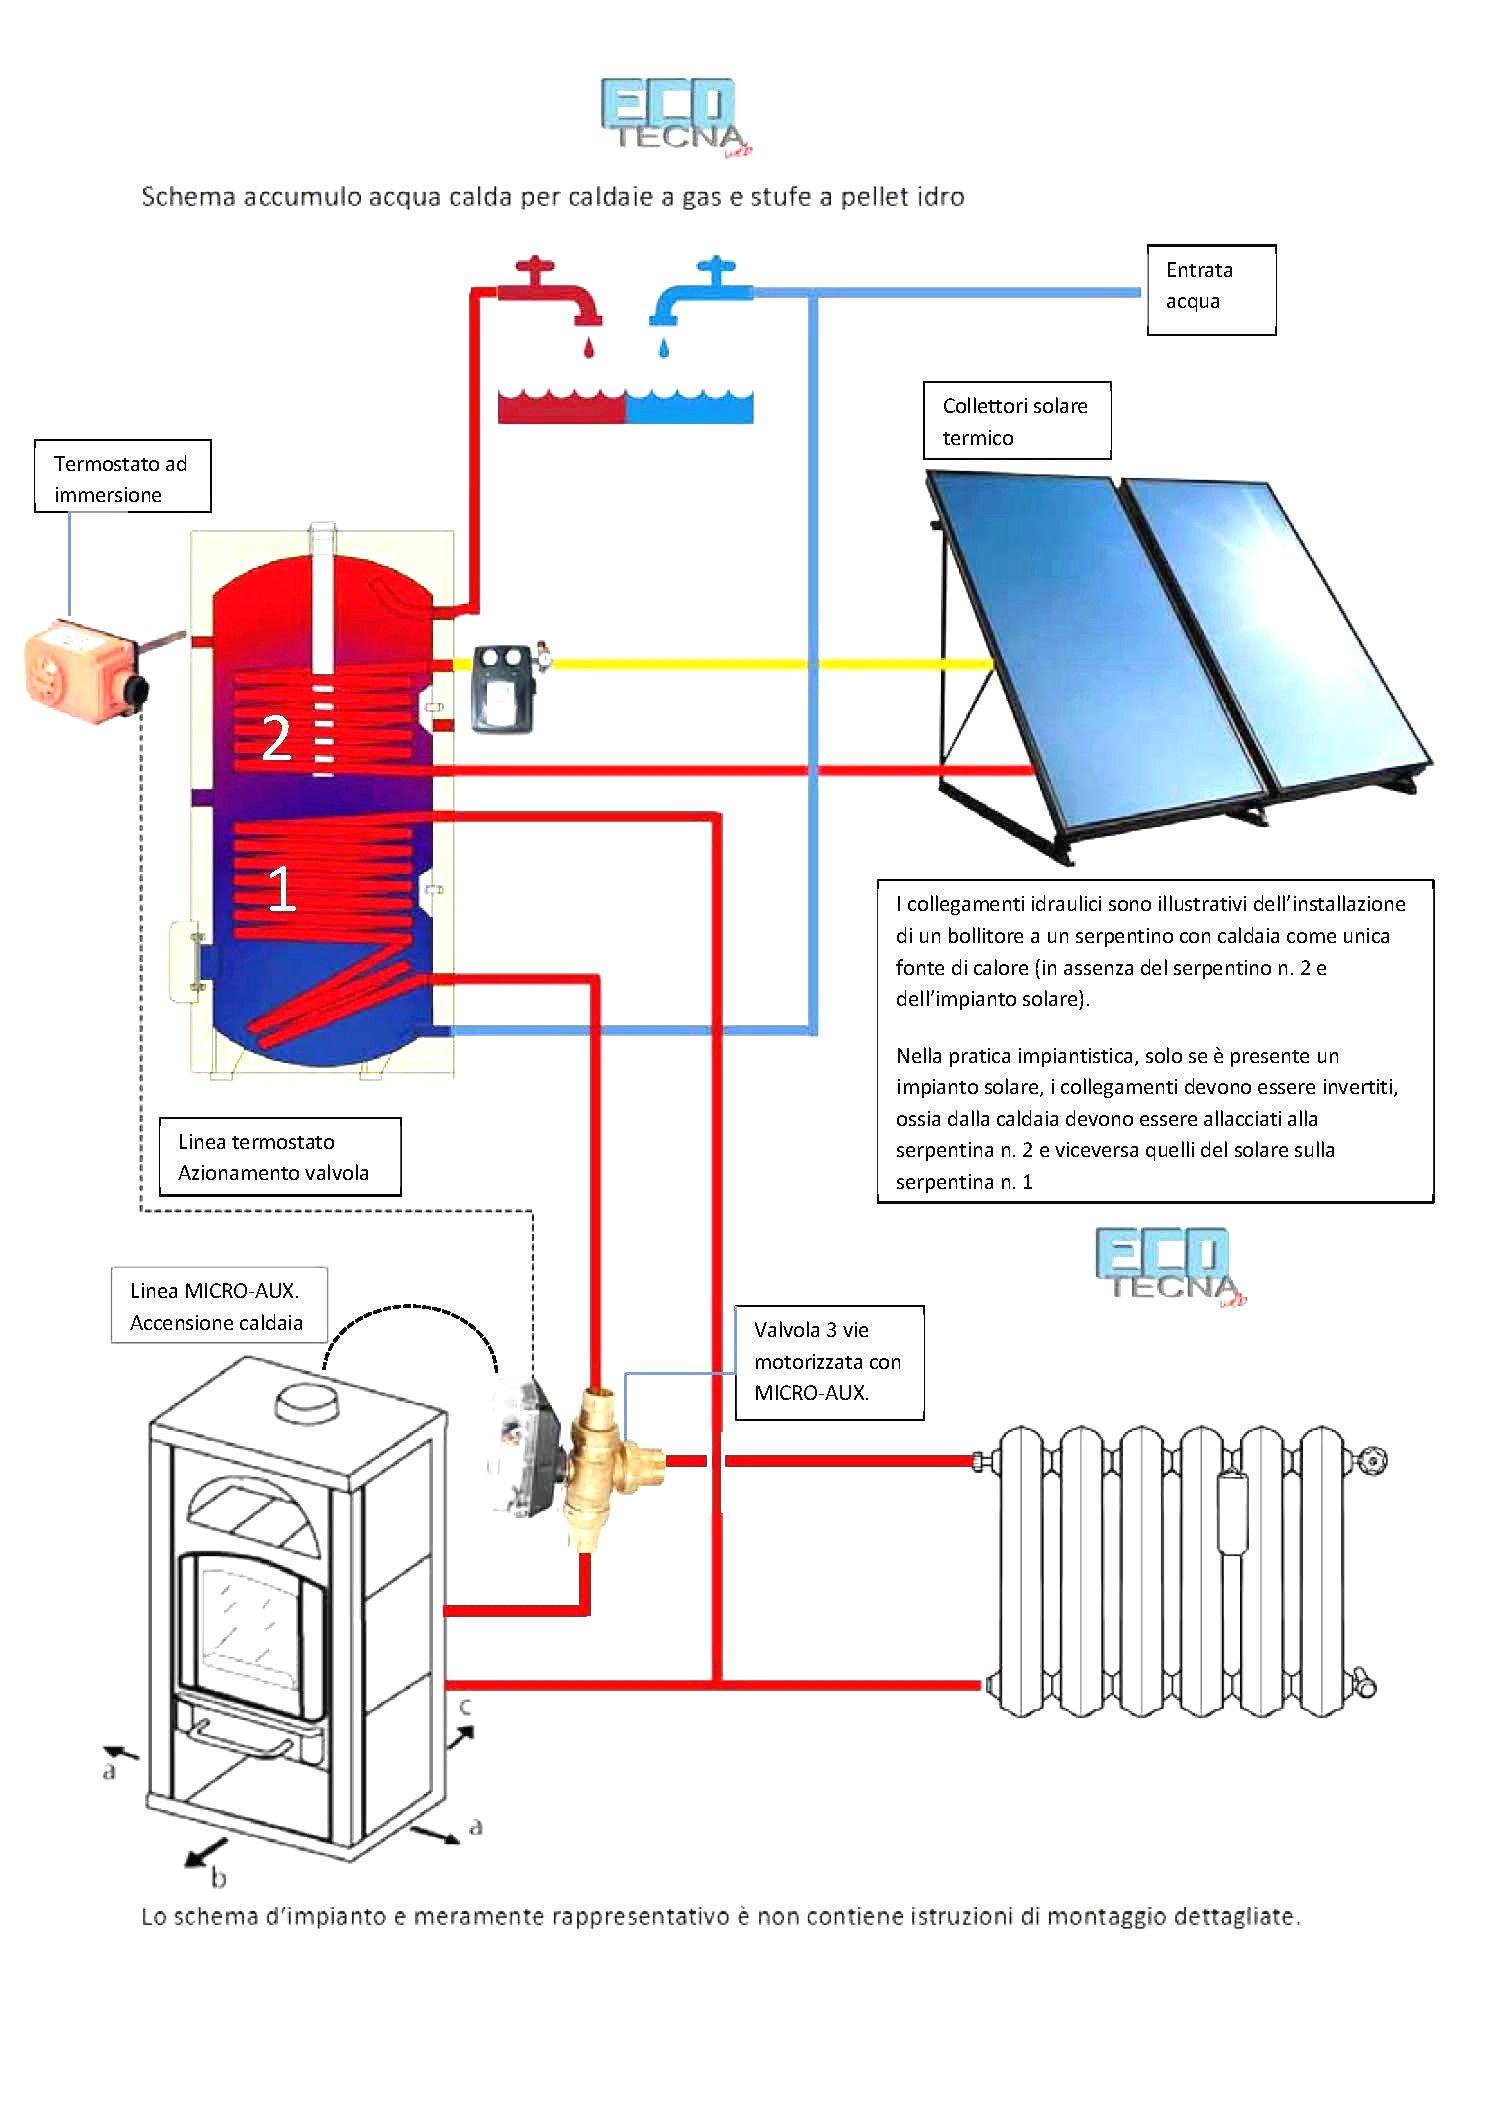 Come Installare Stufa A Pellet pin su schema impianto elettrico